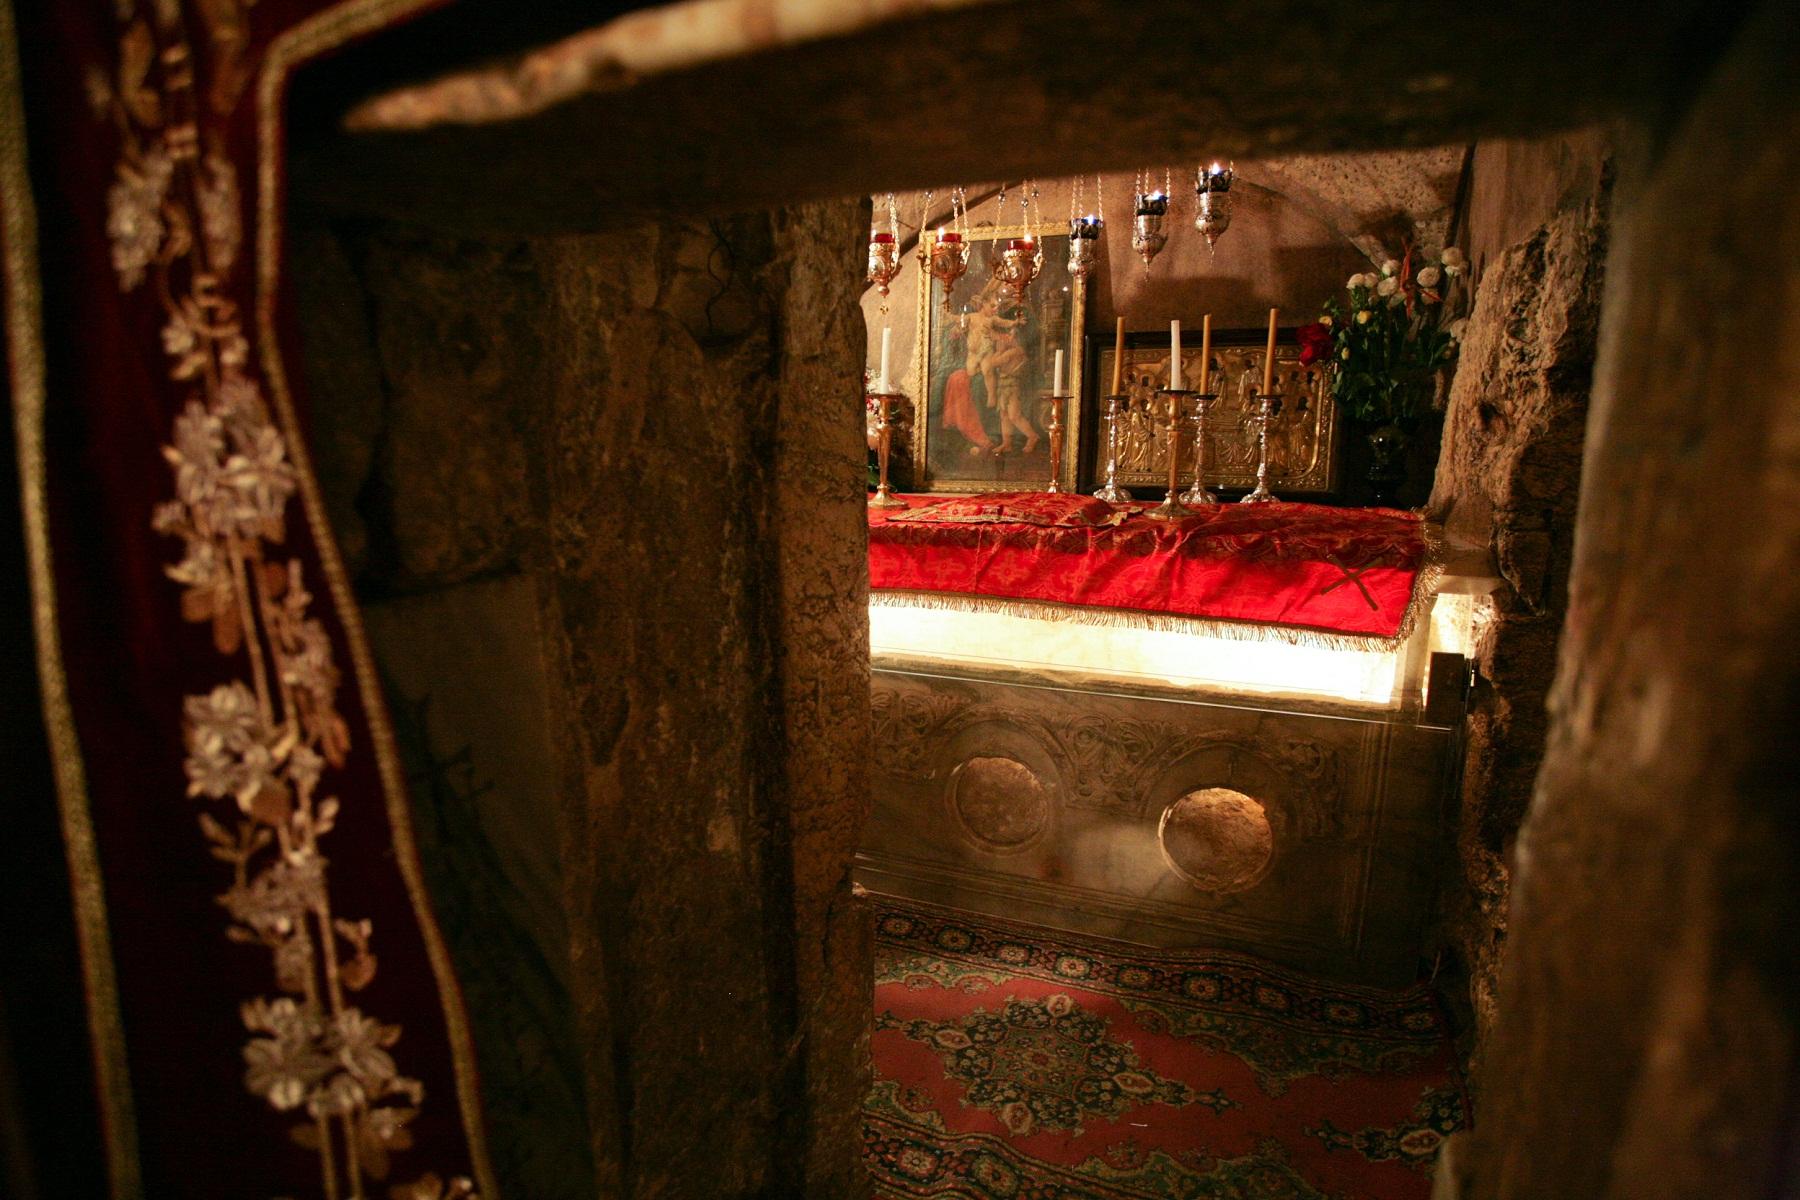 храм Богородицы в Гефсимании, кувуклия Богородицы, храм Успения Богородицы в Гефсимании